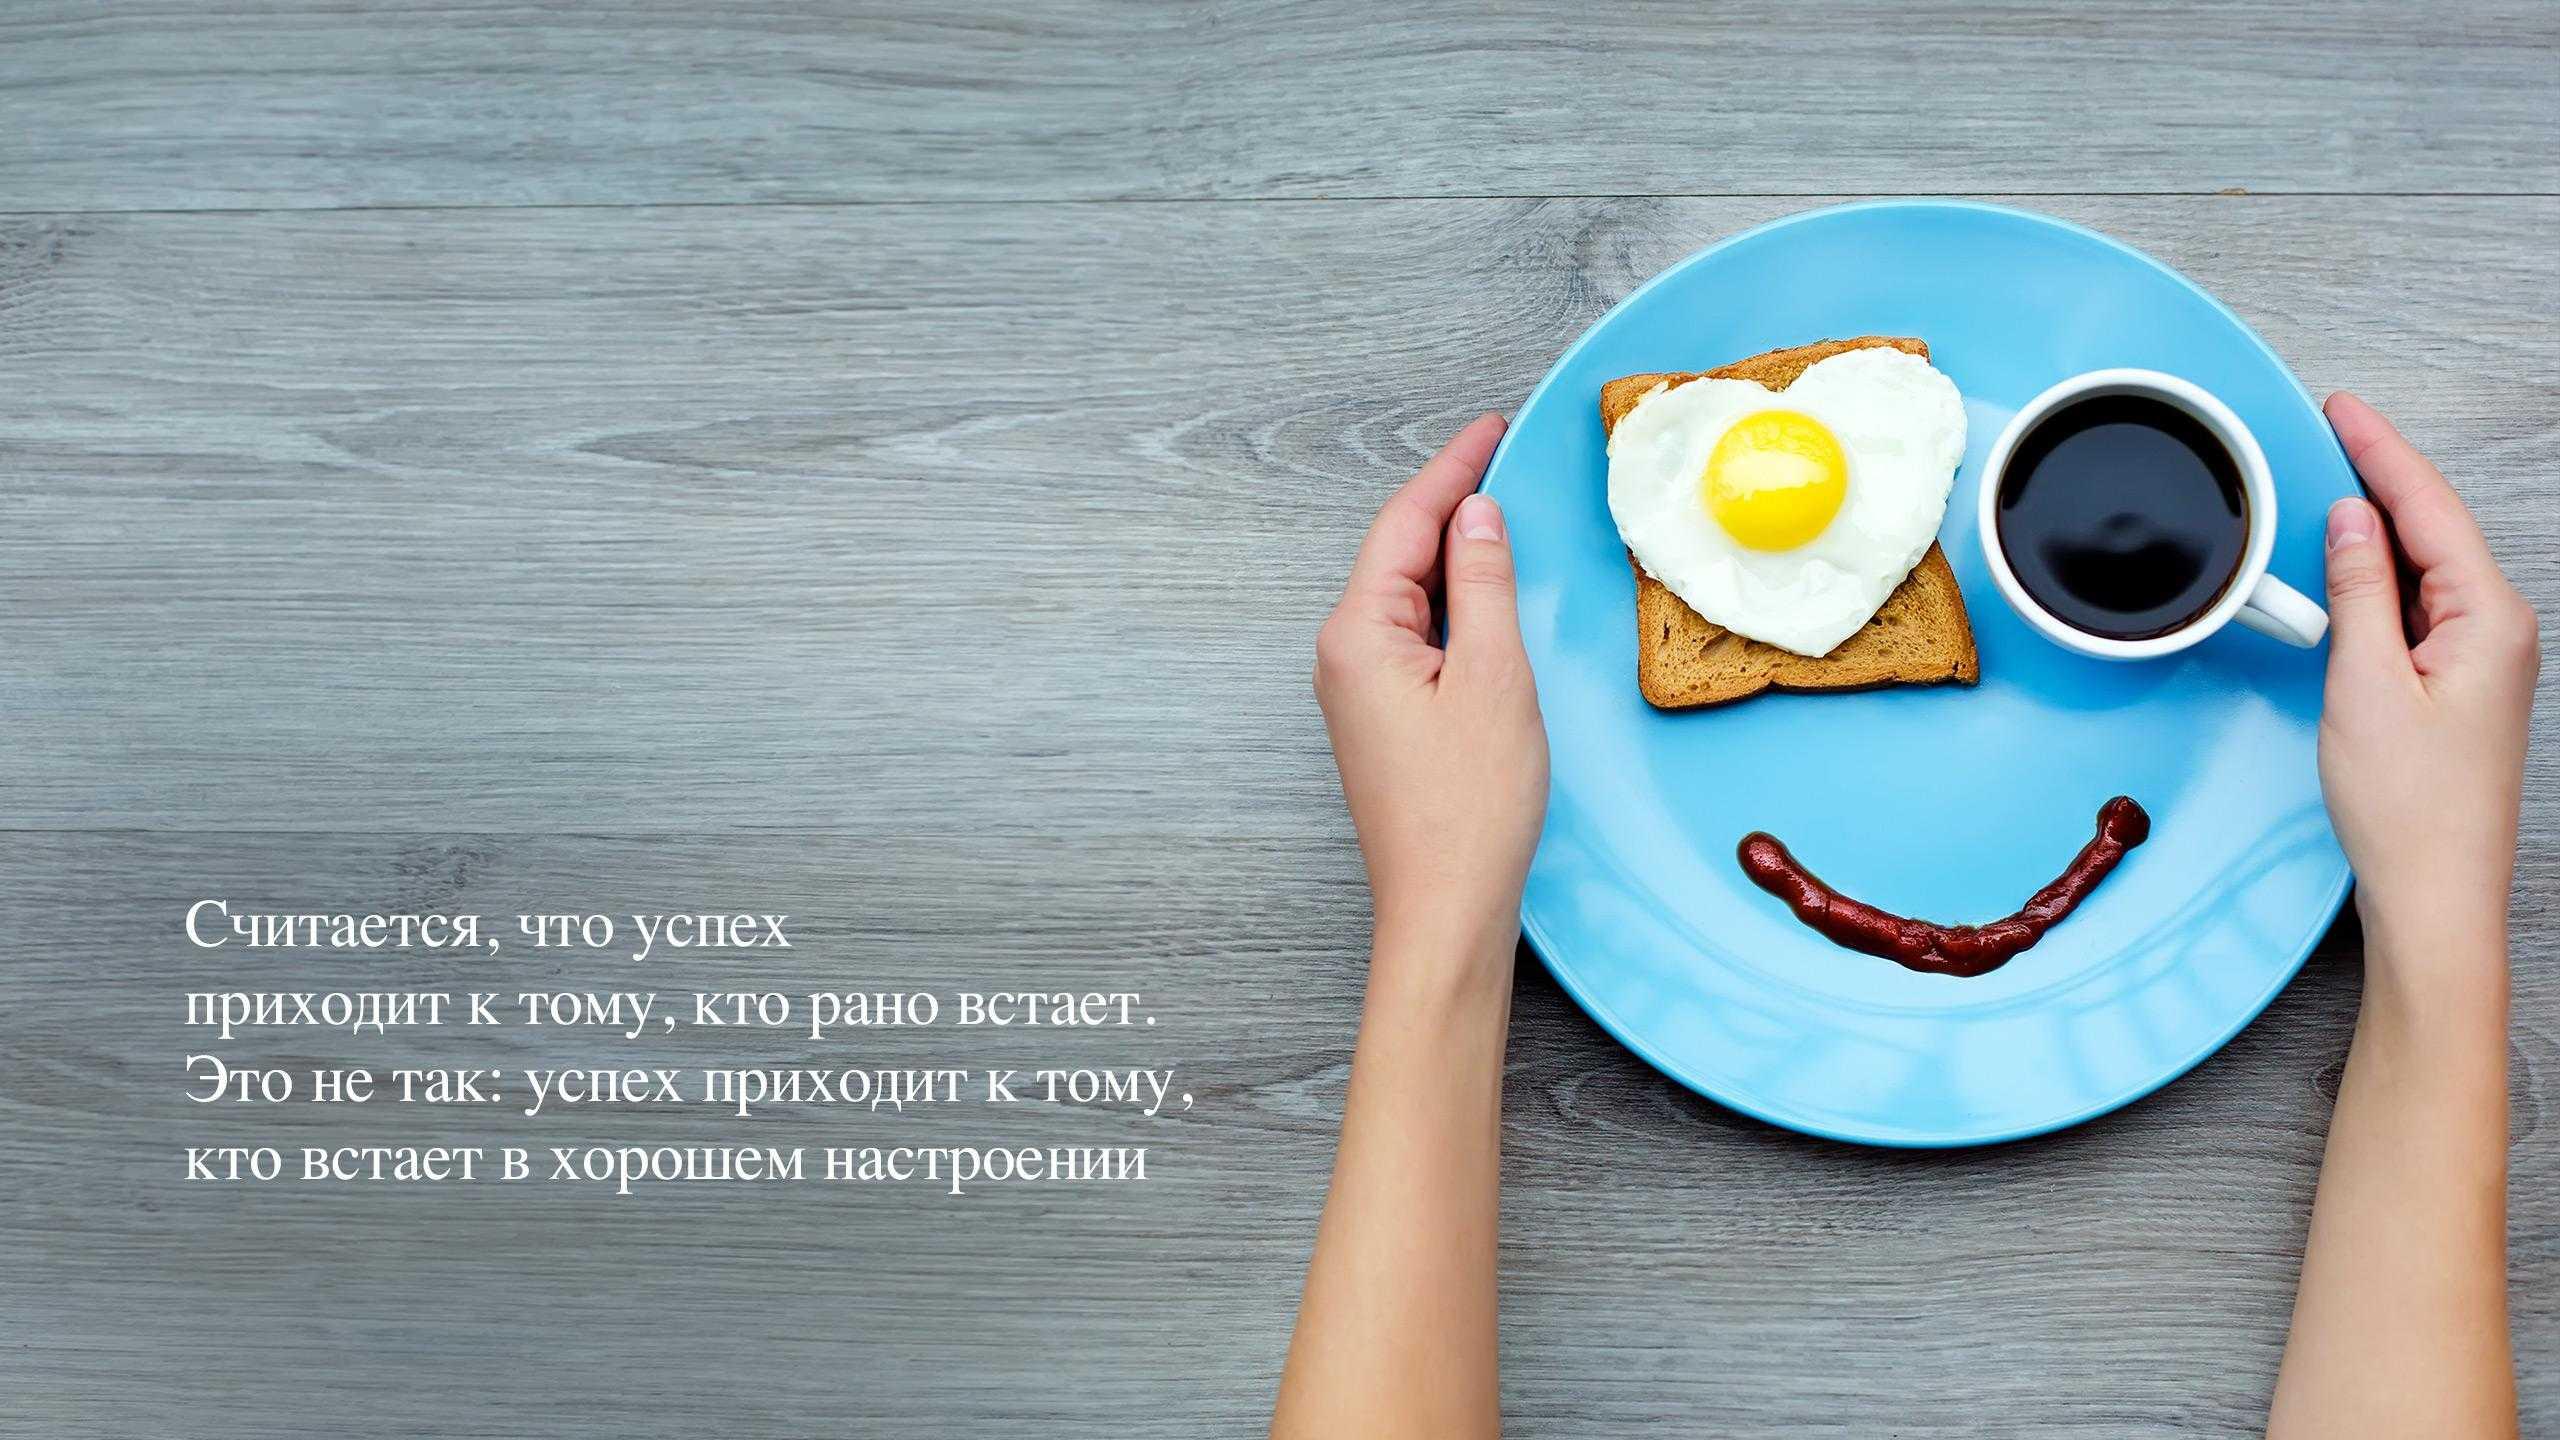 Пожелания с добрым утром любимой красивые⋆ мегапозитив